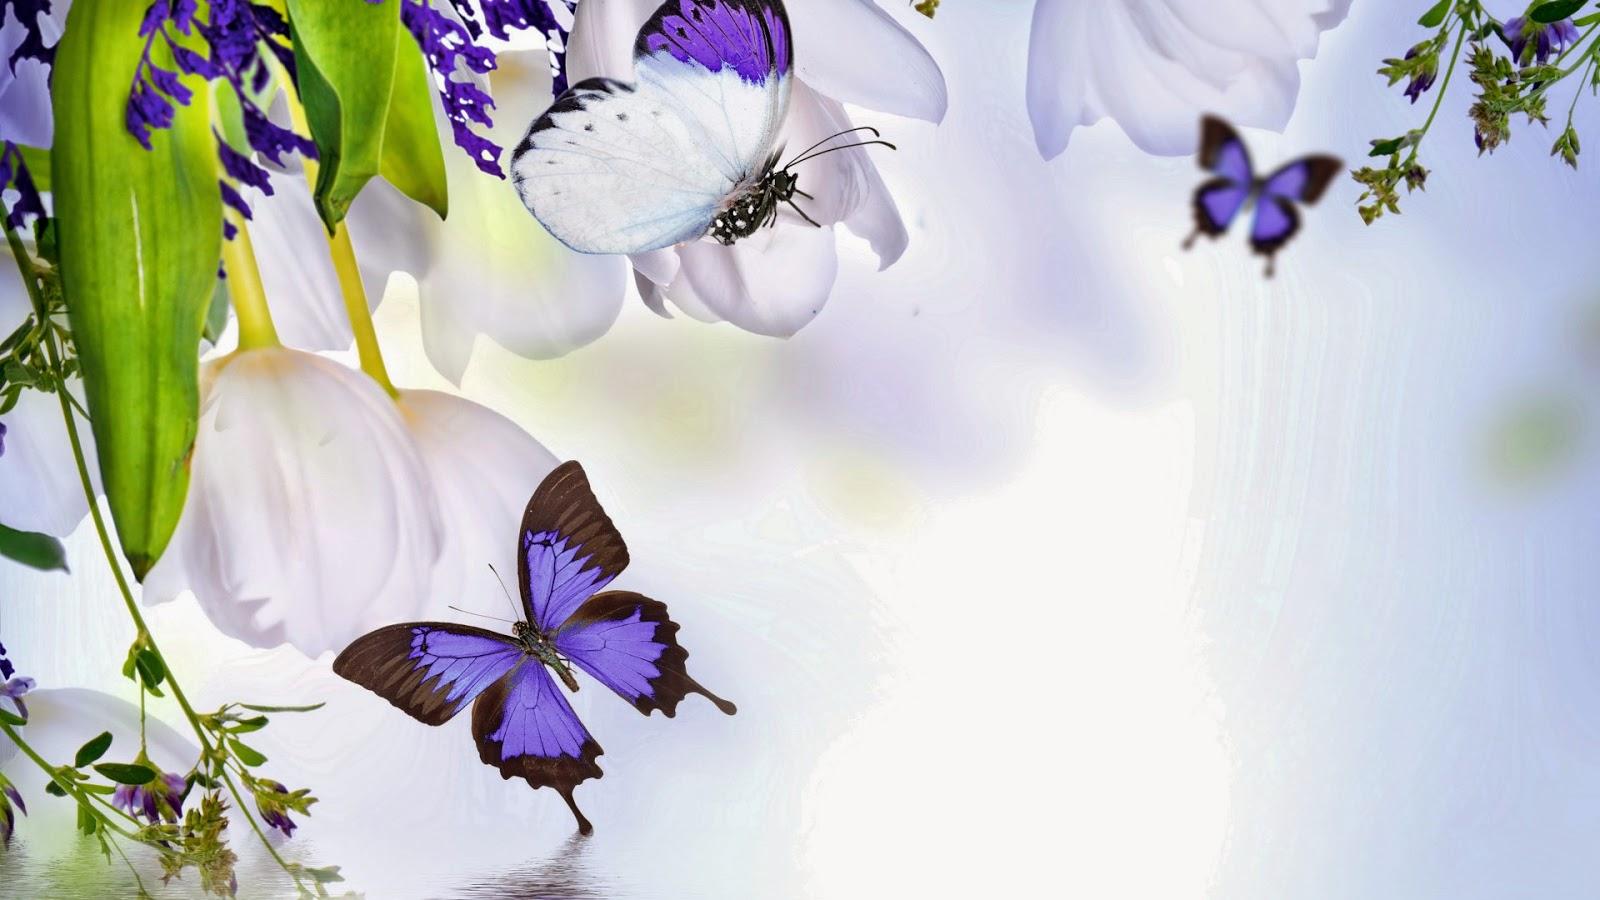 Mariposas y Flores de Colores